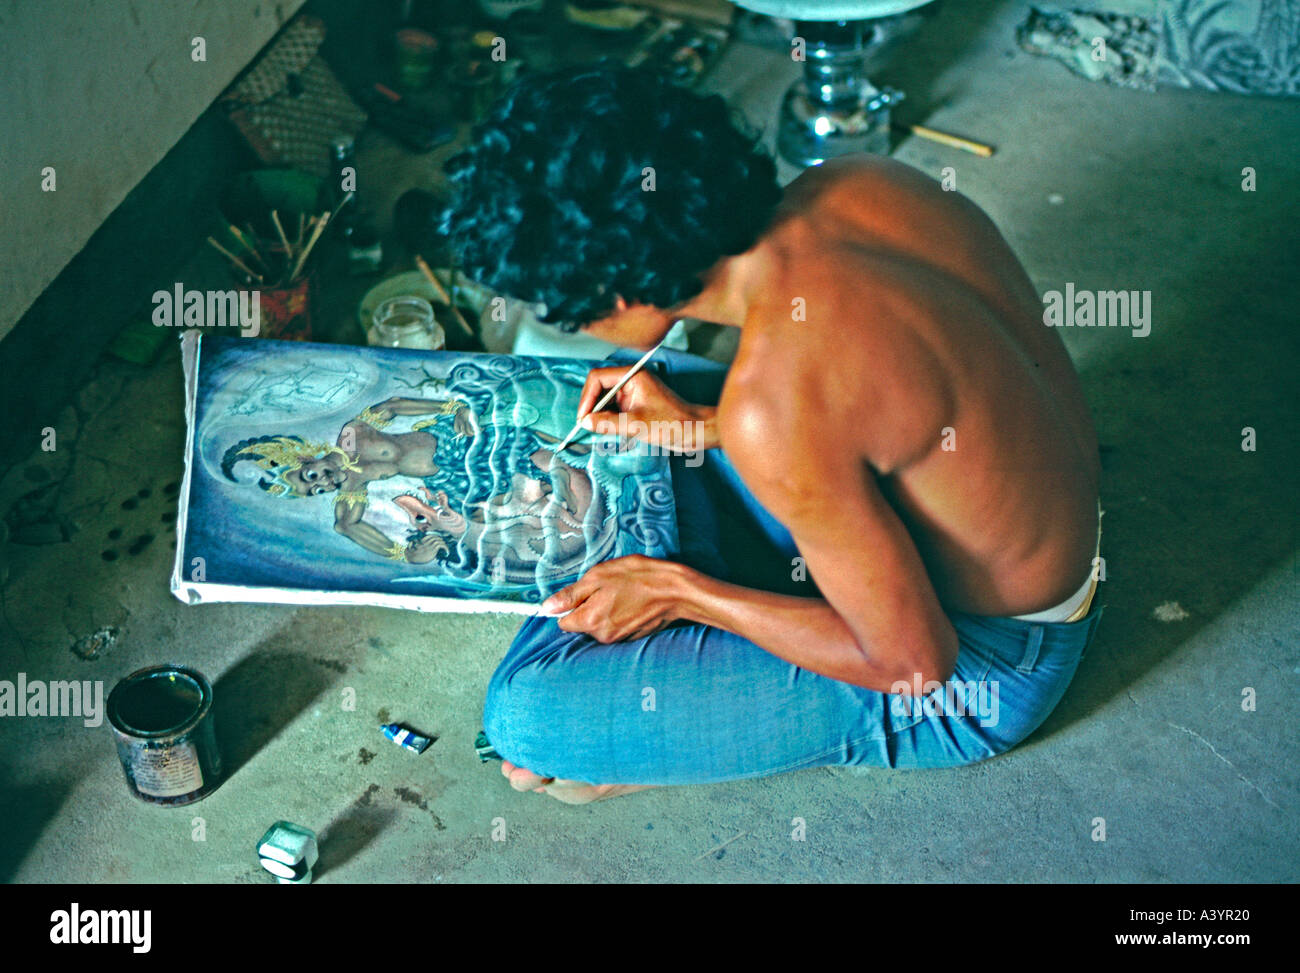 Un artista Balinese in enclave di artisti di Ubud funziona su un dipinto in stile Balinese tradizionale Immagini Stock